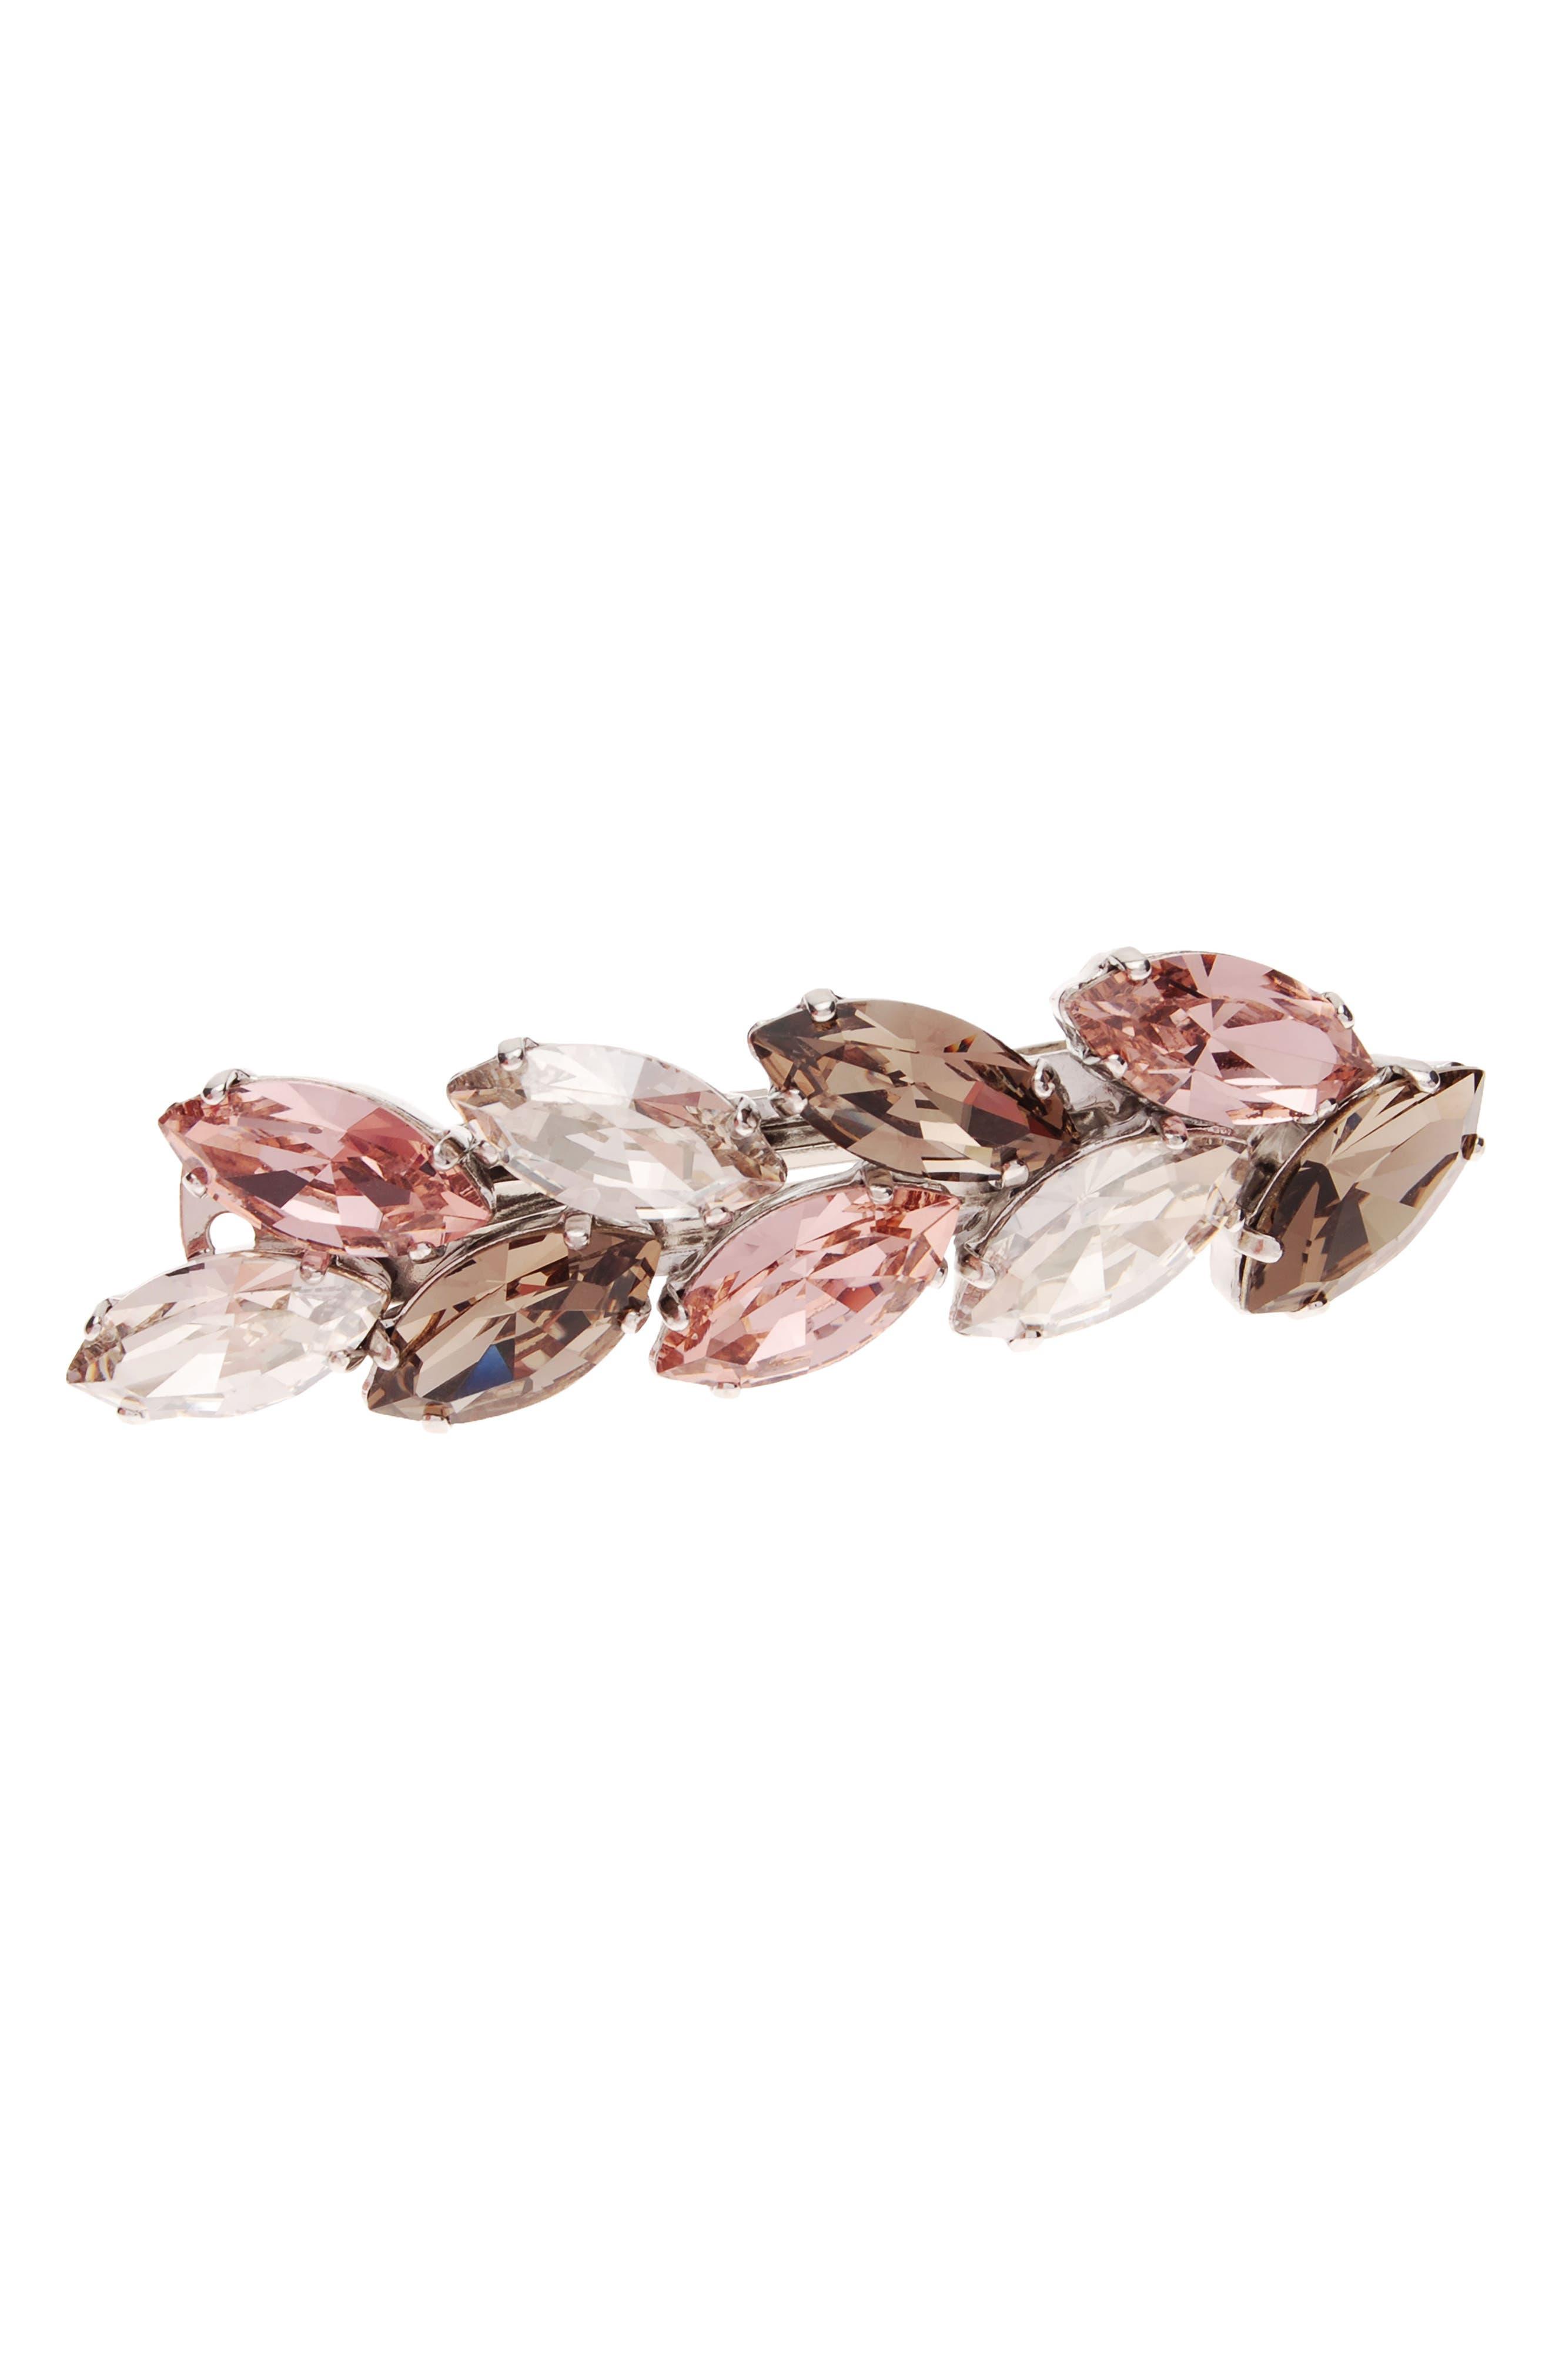 Small Ivy Swarovski Crystal Barrette,                             Main thumbnail 1, color,                             VINTAGE ROSE/ BEIGE